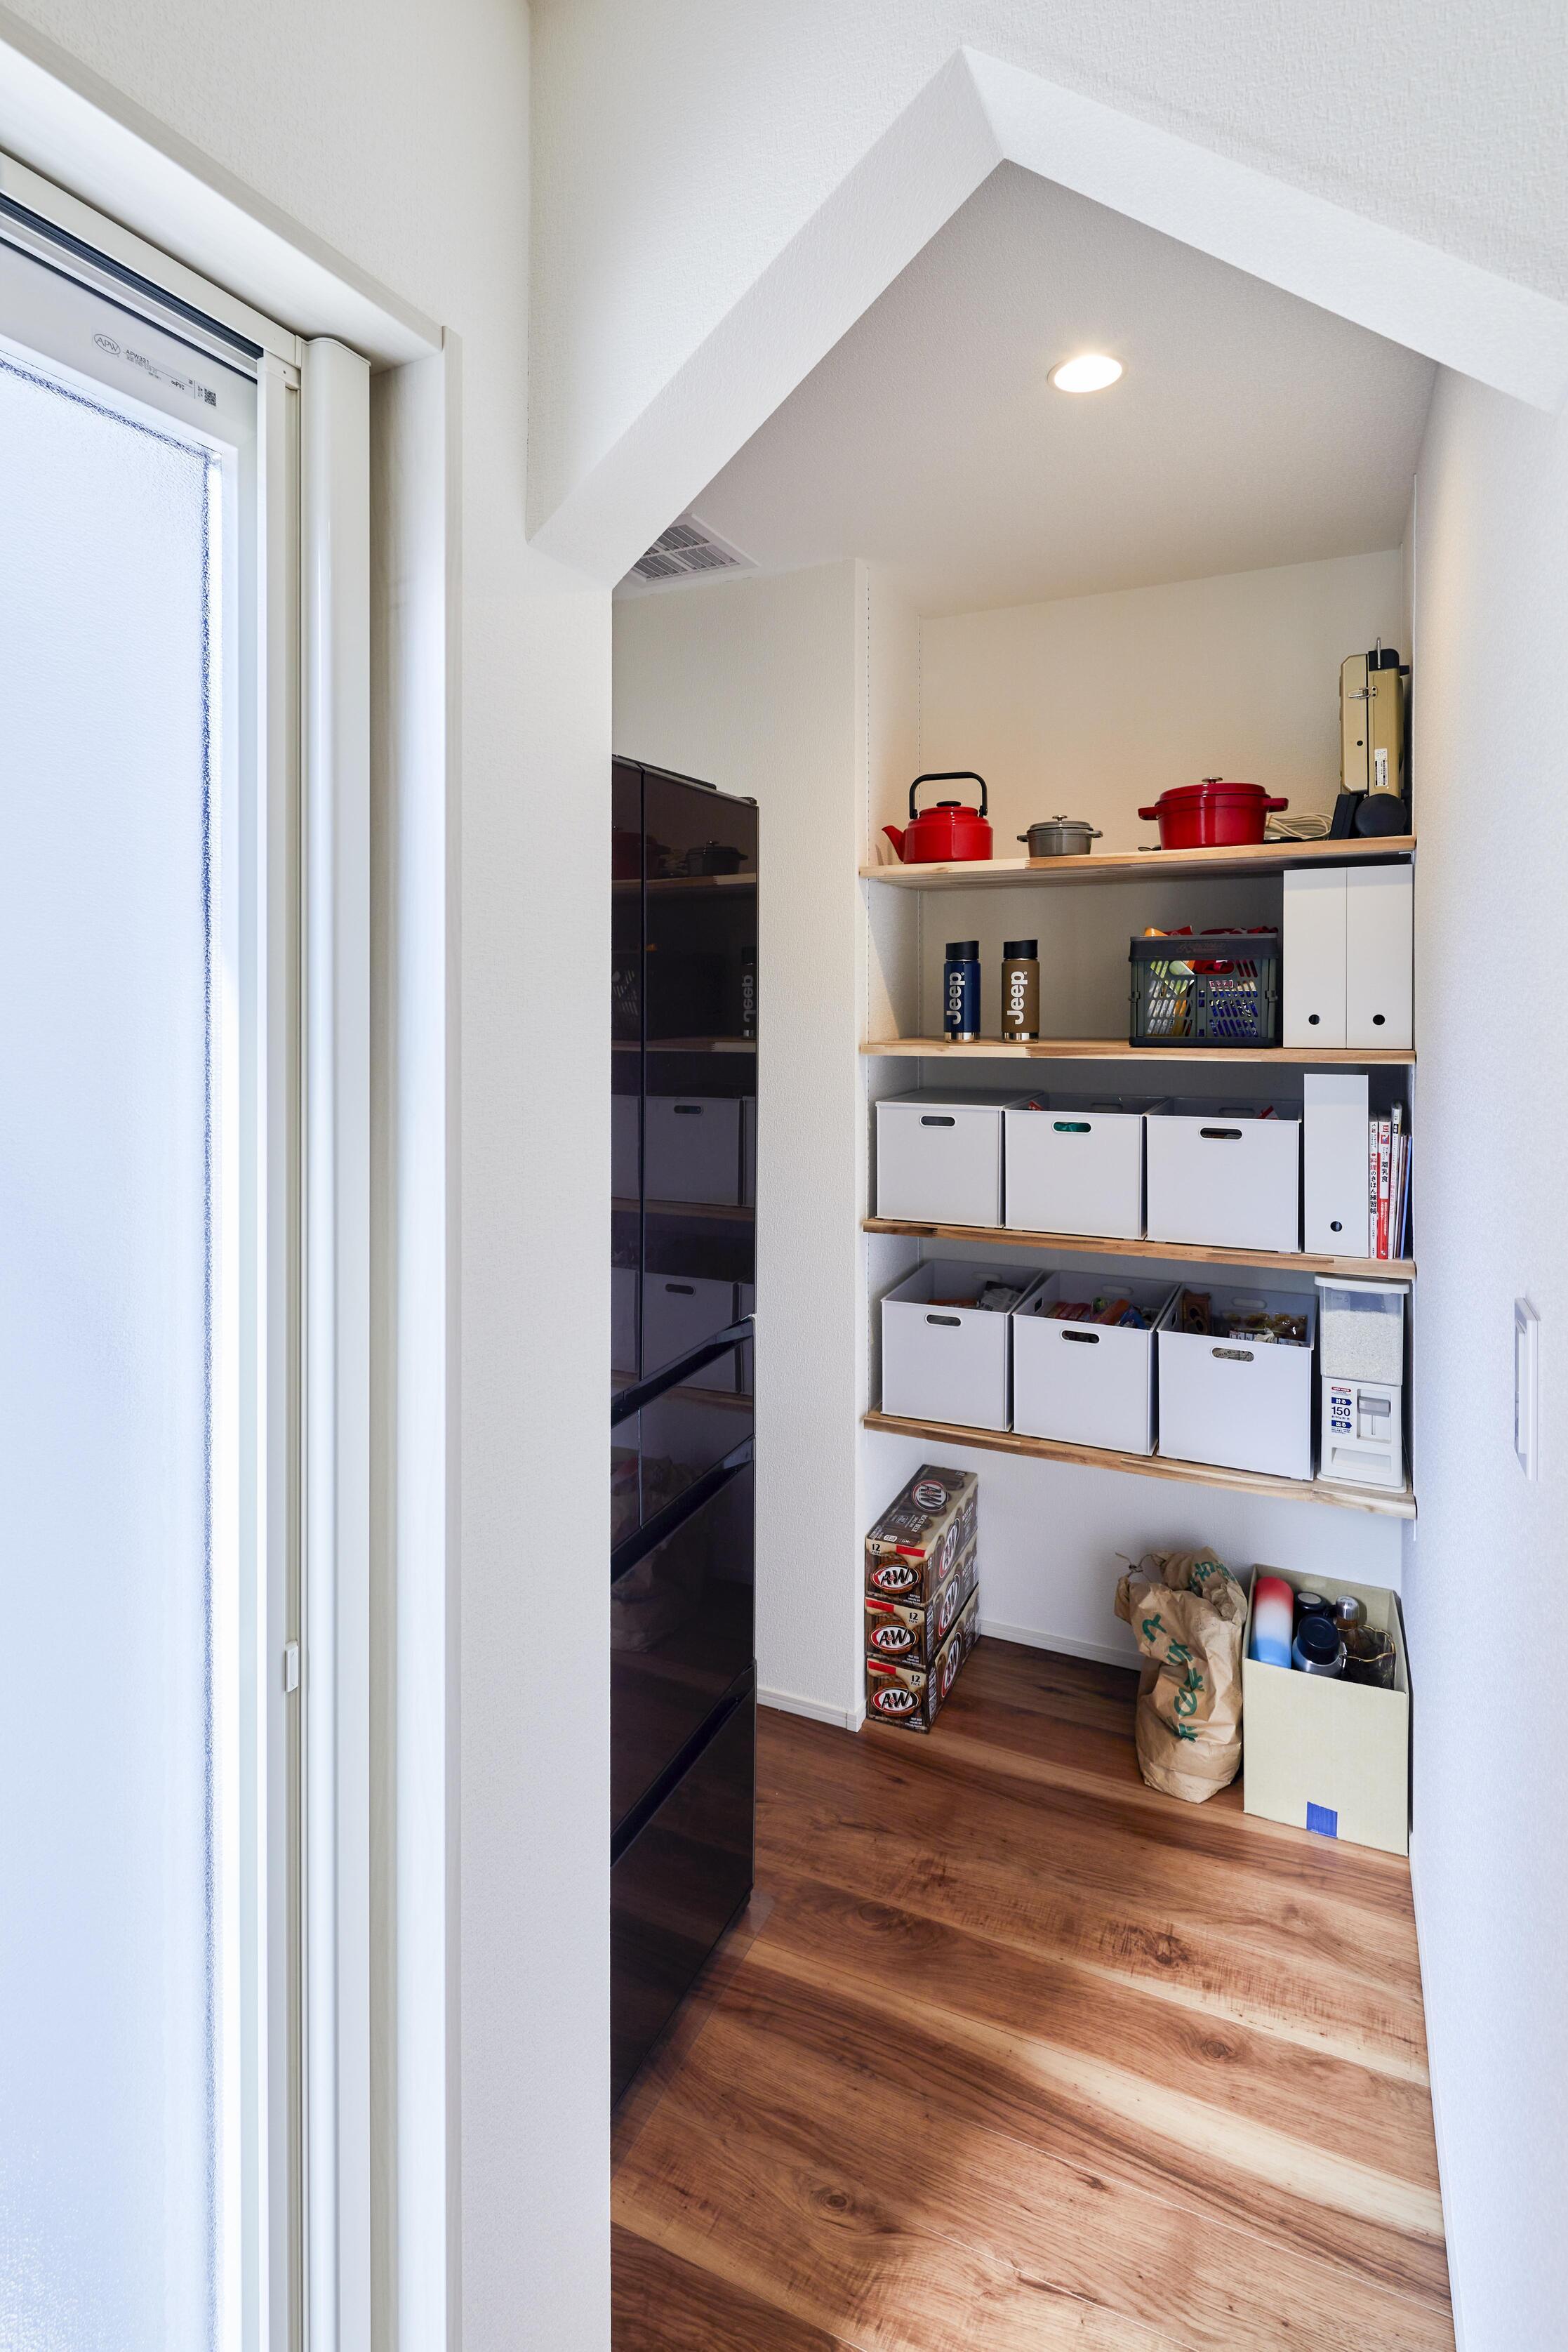 キッチンの奥には冷蔵子置き場と食品や日用品を収納できるパントリーを設計